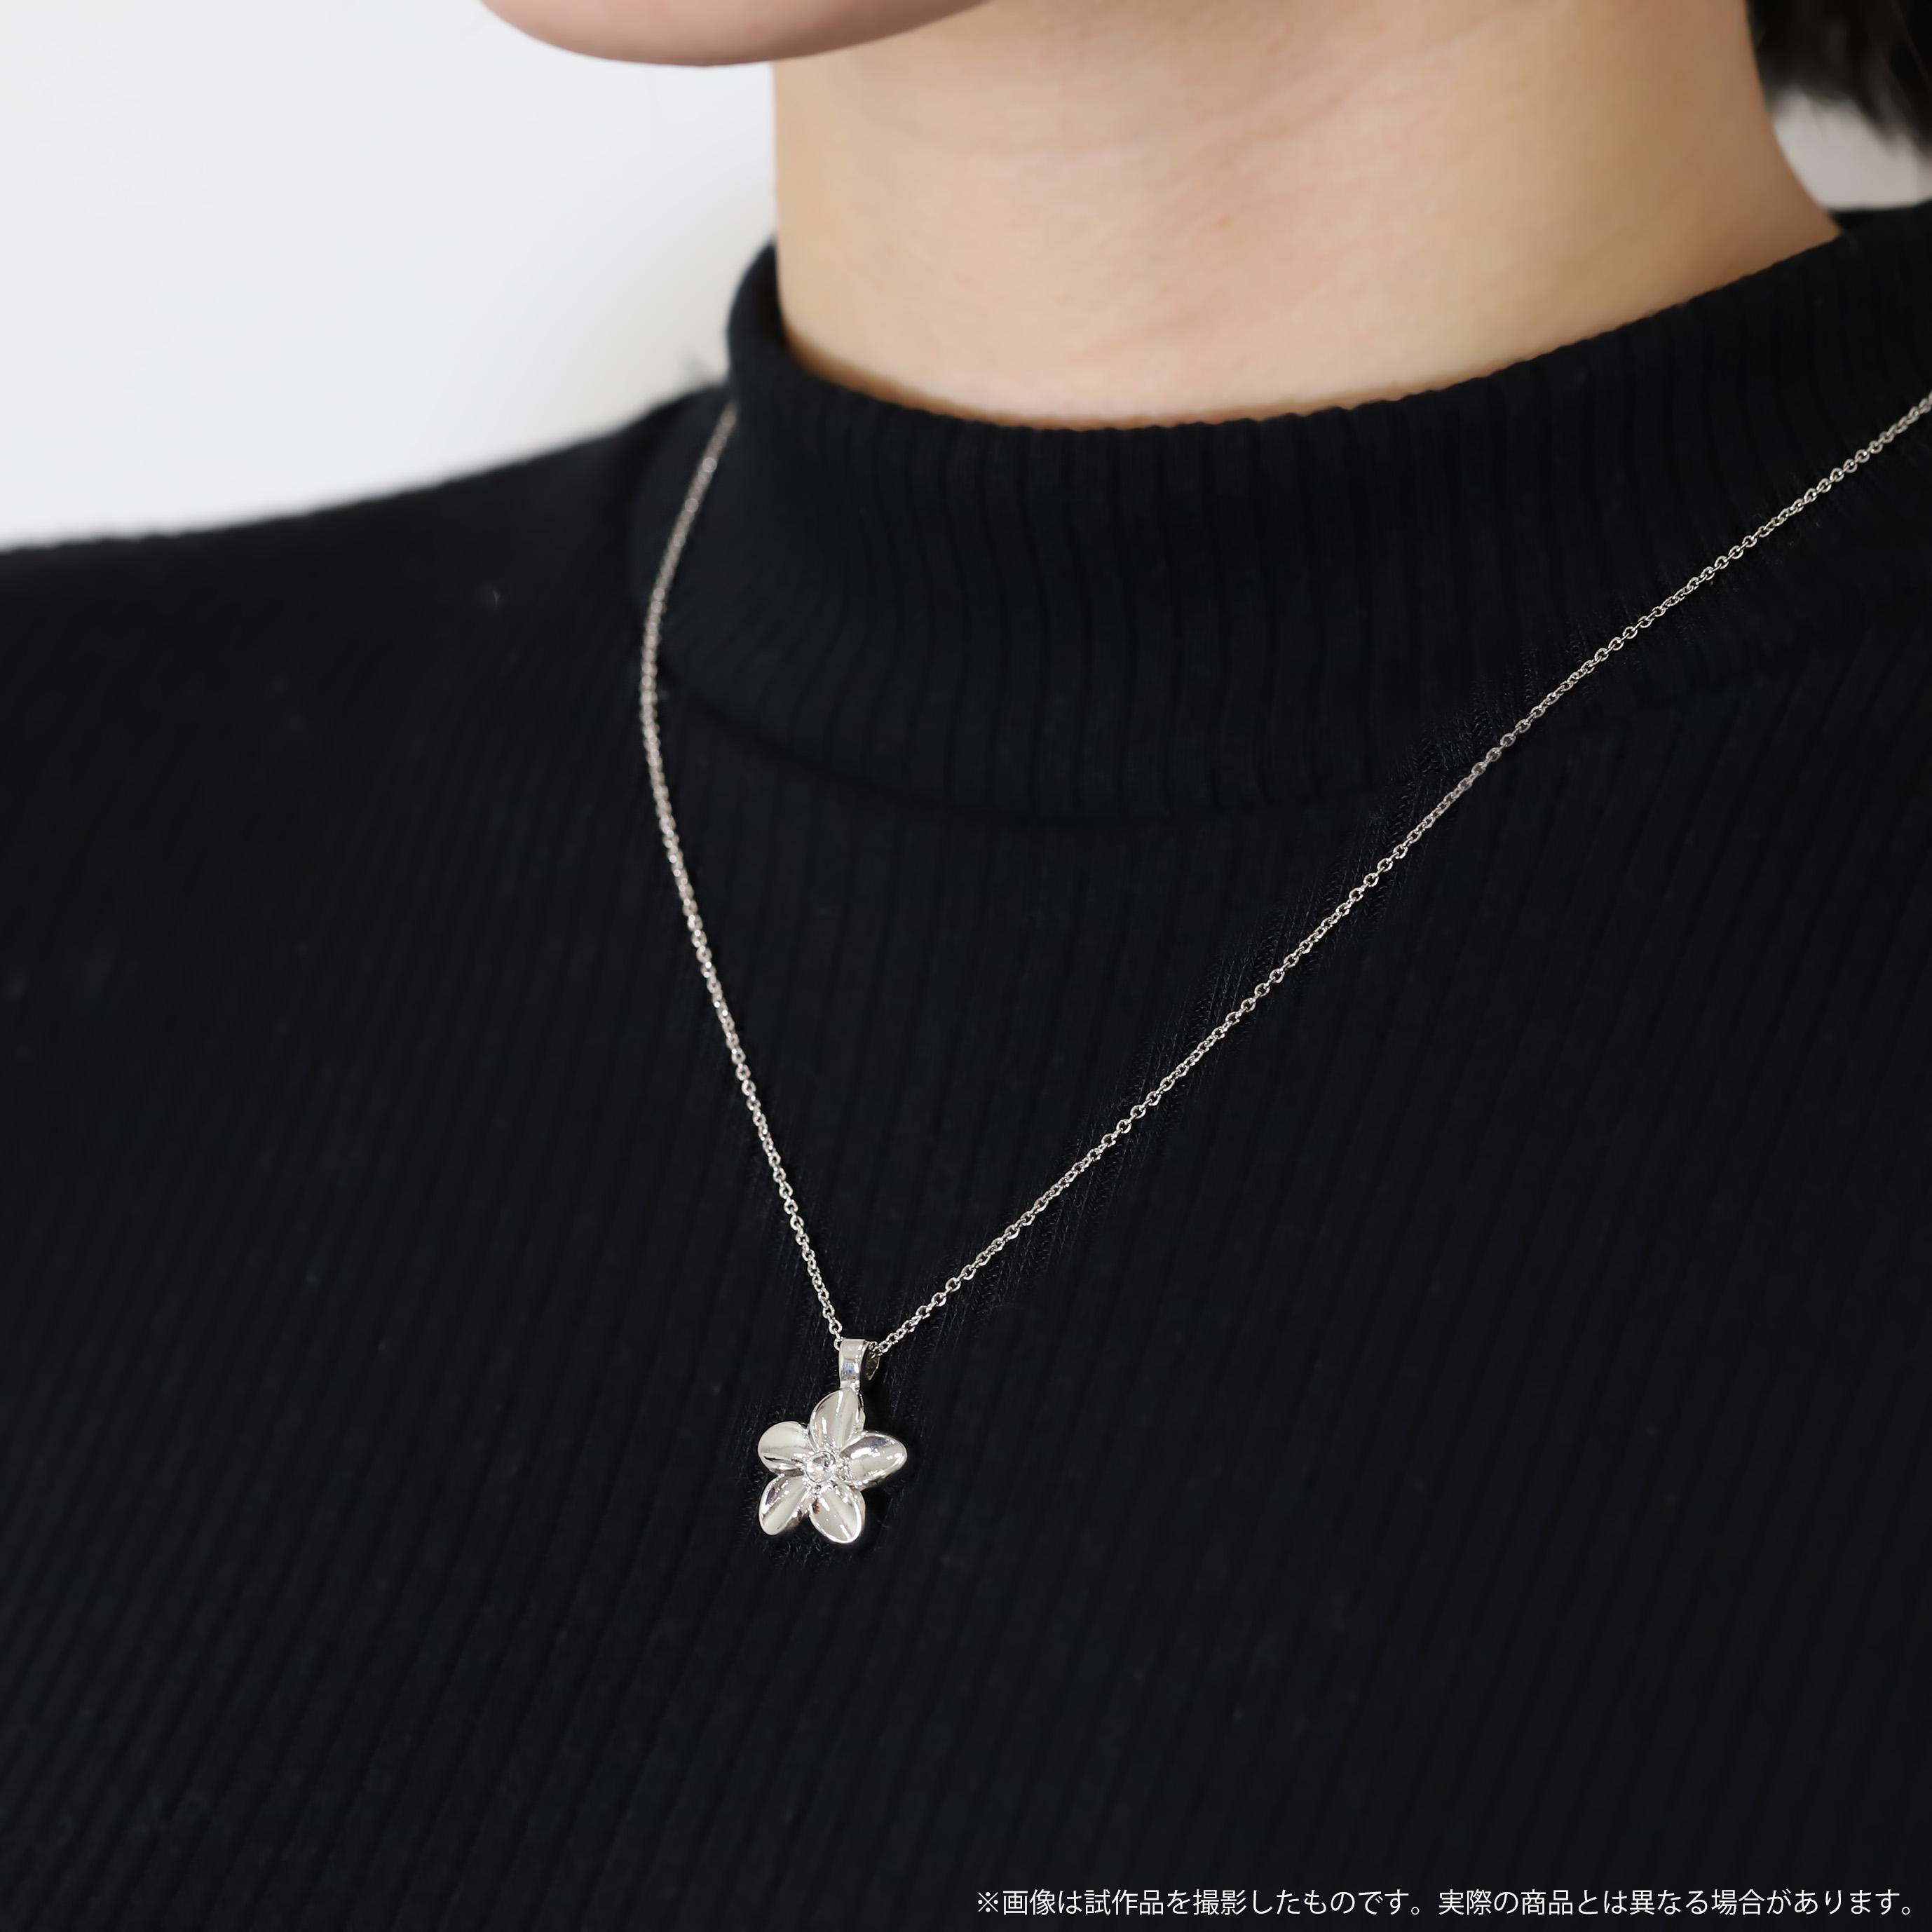 『ヲタクに恋は難しい』より、「花子と樺倉のおそろいネックレス」が登場!